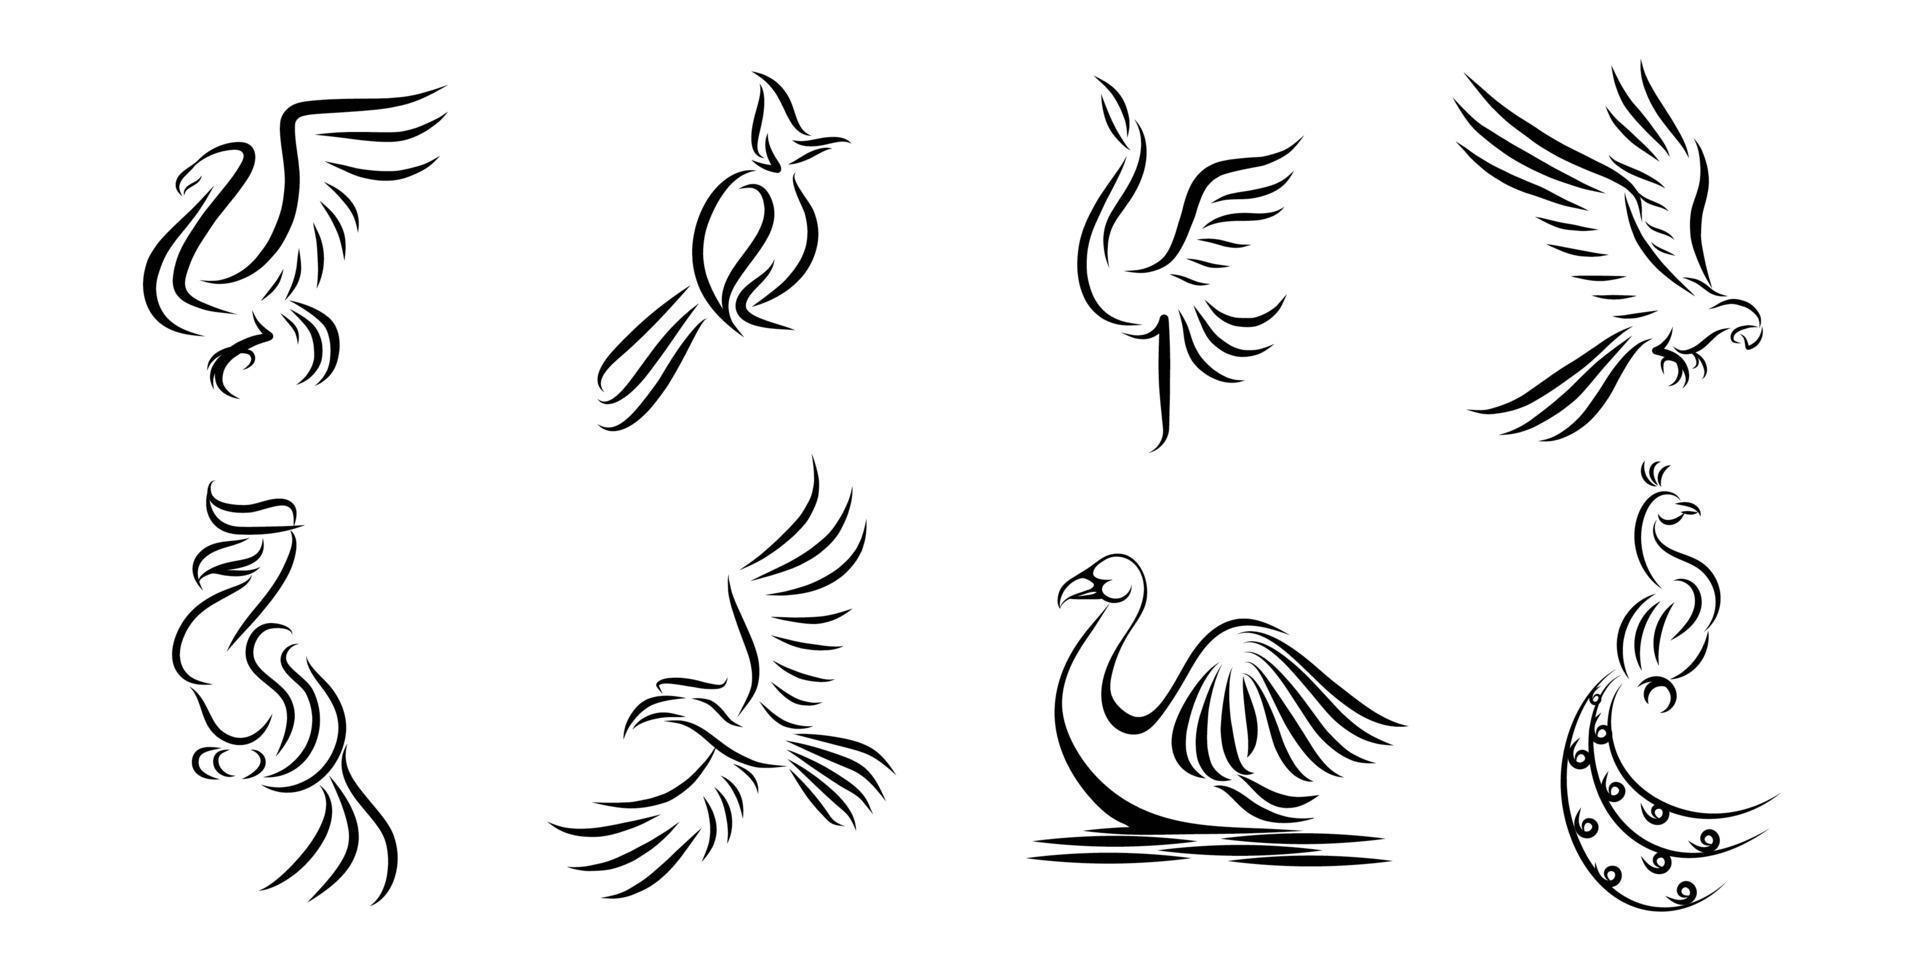 uppsättning av åtta vektorbilder av olika fåglar vektor